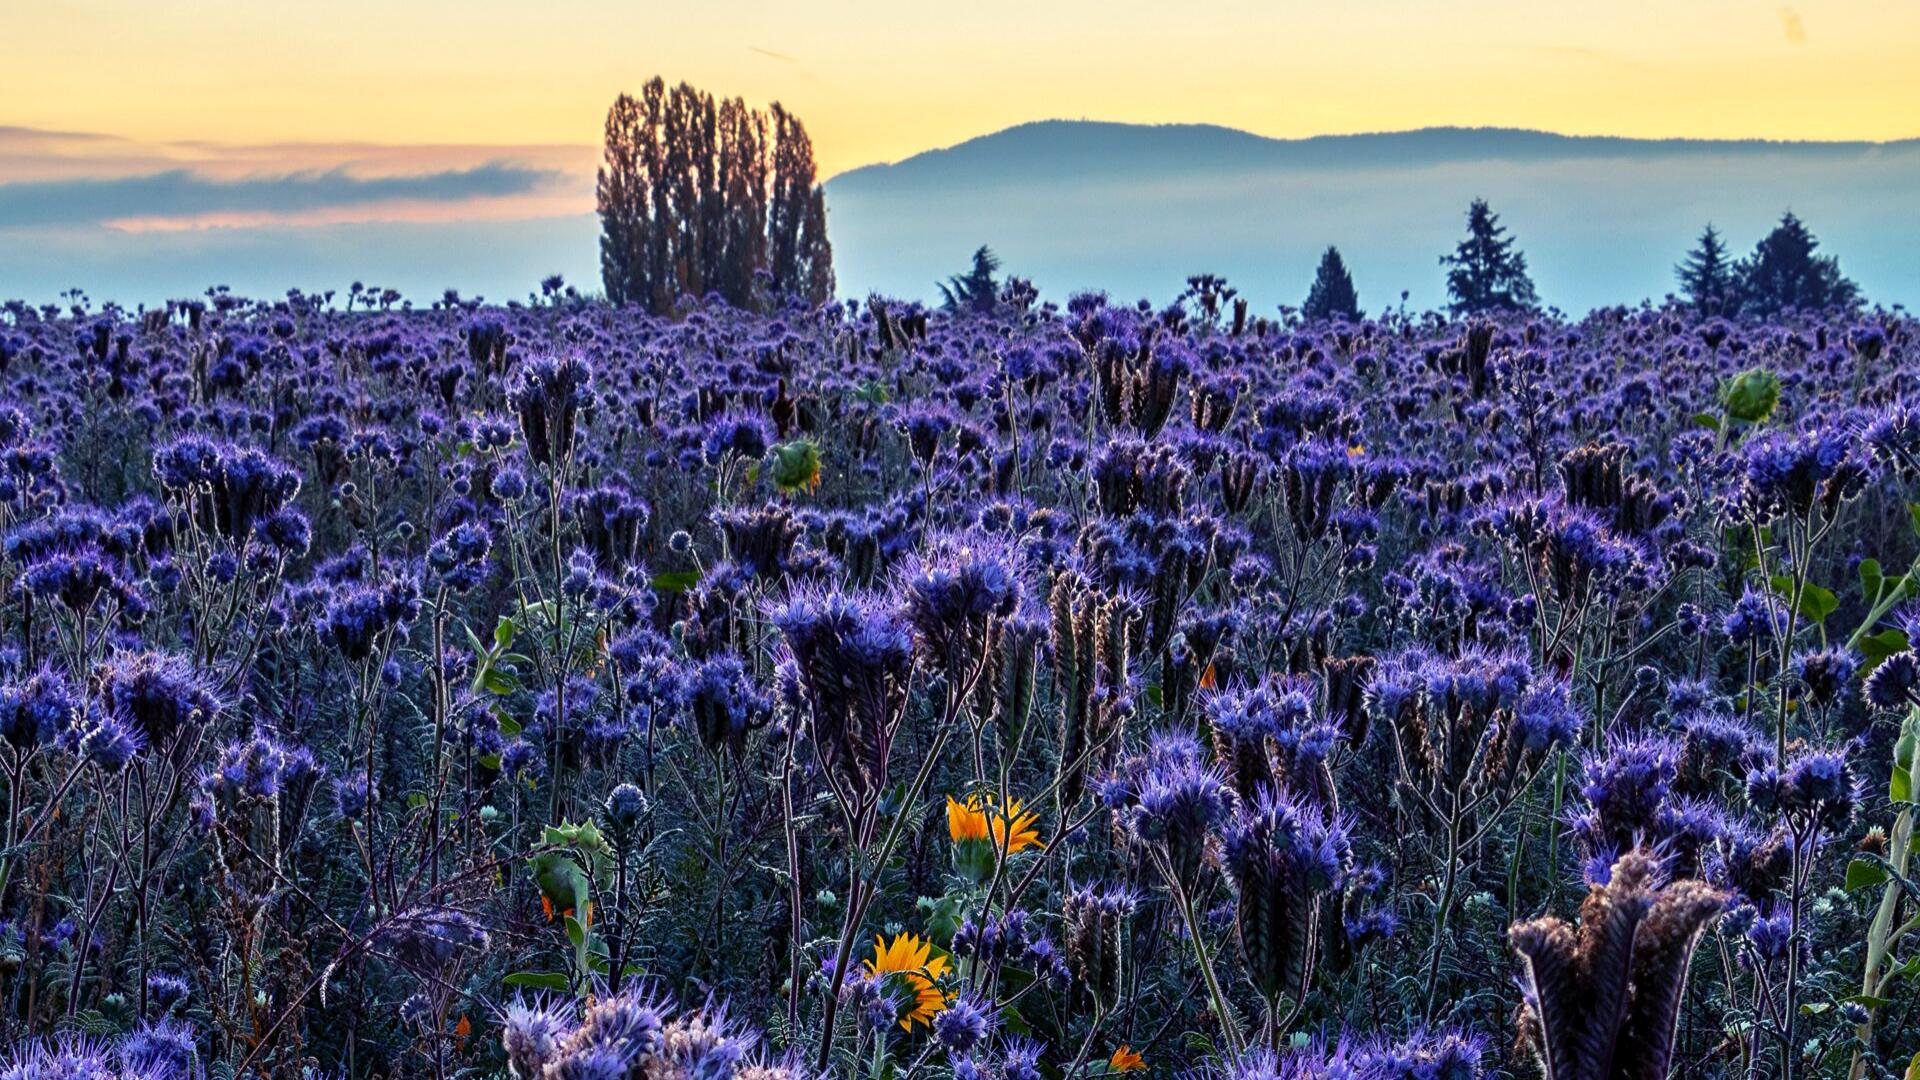 purple flowers in fall